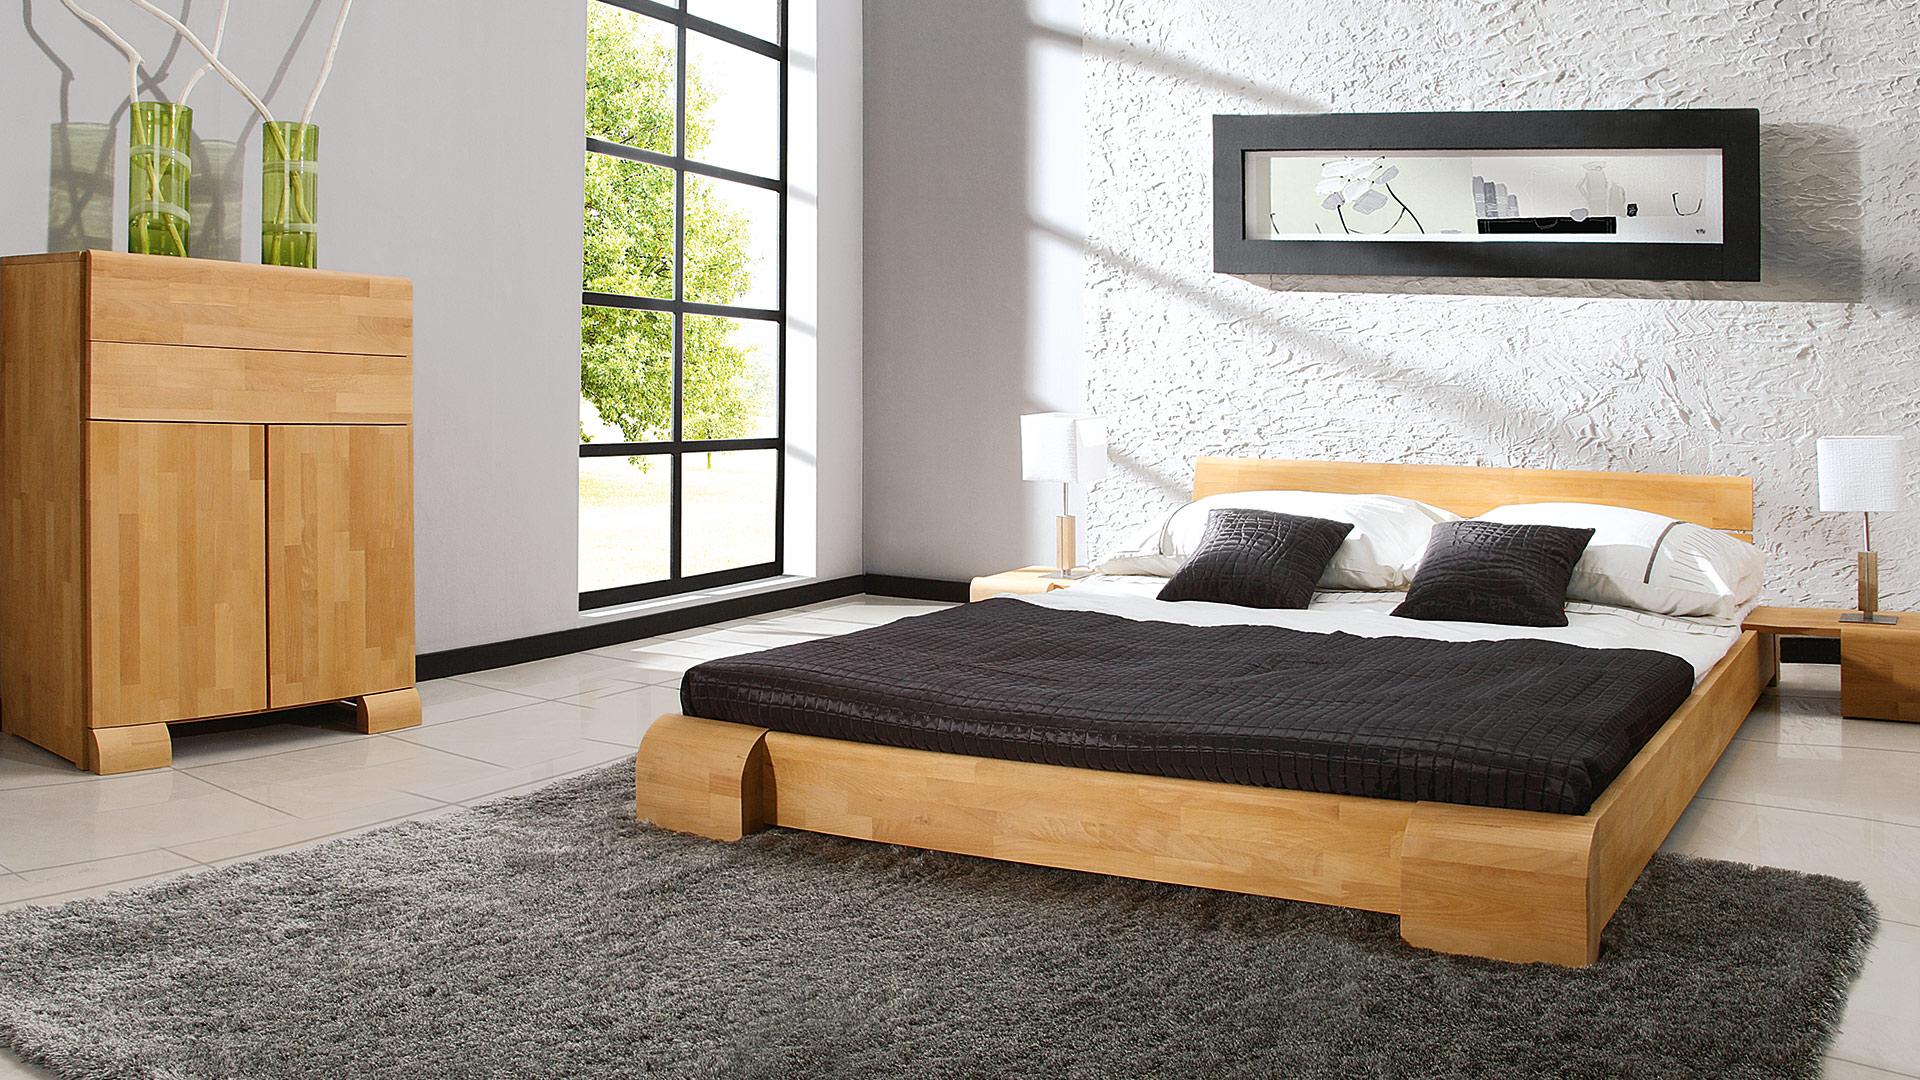 Einzelbett und doppelbett arrondo for Doppelbett jugendzimmer